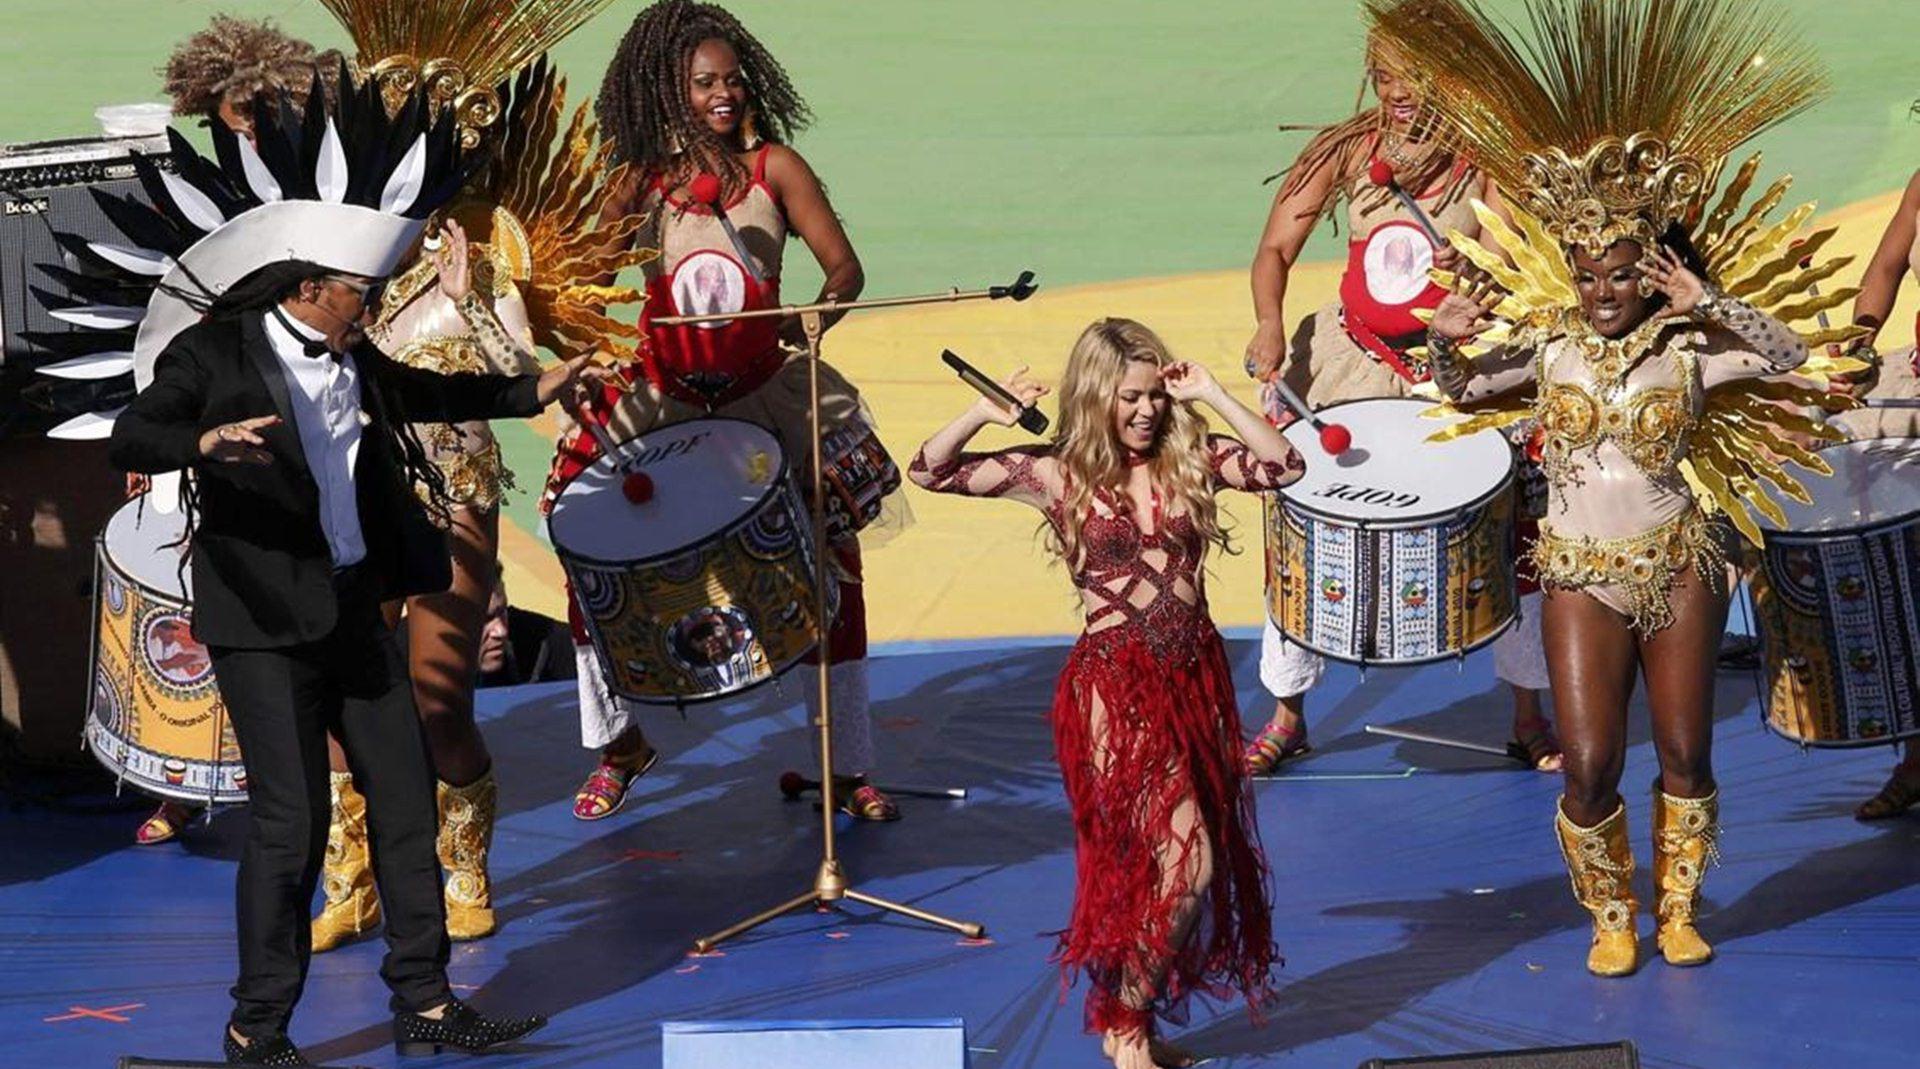 世界杯主题曲:从英雄赞歌到娱乐盛会 夏奇拉独霸三届